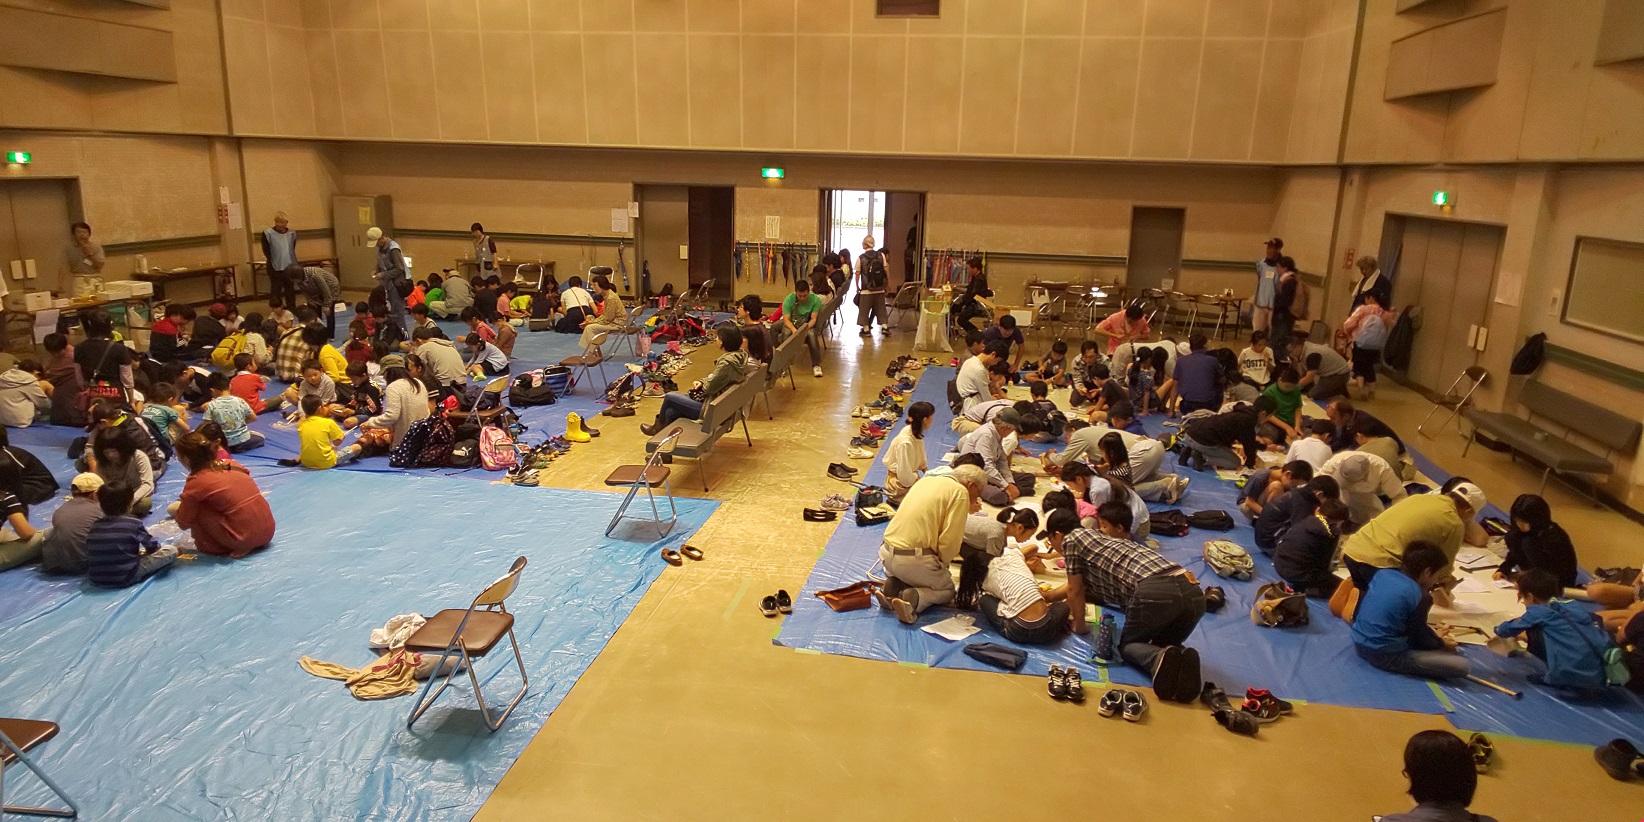 今年も6月9日に開催されました東大和こどもまつりに、多くの小学生が参加してくれました。組合員・役員の総勢14名が指導員として参加、木工教室を行いました。当日は雨天にもかかわらず、受付時間の前から木工教室は行列ができるほどで、参加した子どもは36人、天気に左右されない人気コーナーでした。今年は、「マイホーム貯金箱」をかなづちやドライバーの使い方を楽しく学びながら作成していました。貯金箱の出来栄えに、全員が満足そうな笑顔で自分の作品を持ちかえって行きました。/